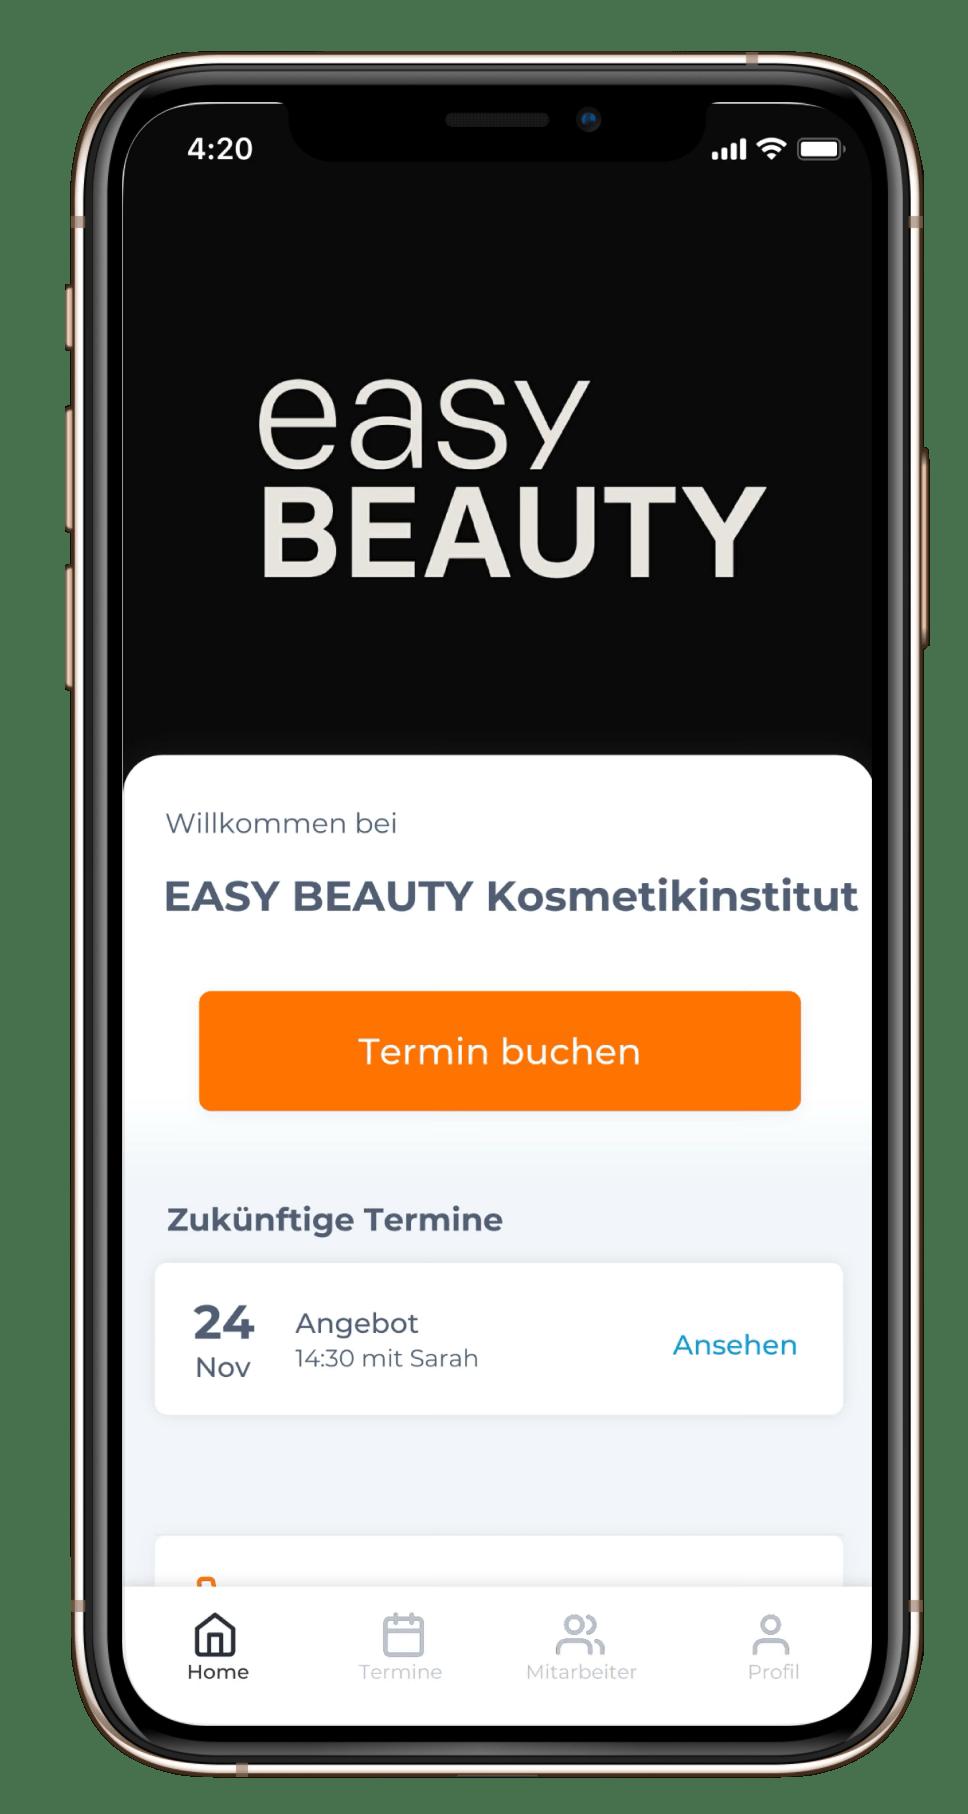 Easy Beauty Kosmetikinsitut online buchungs app für das Iphone und Android Handies